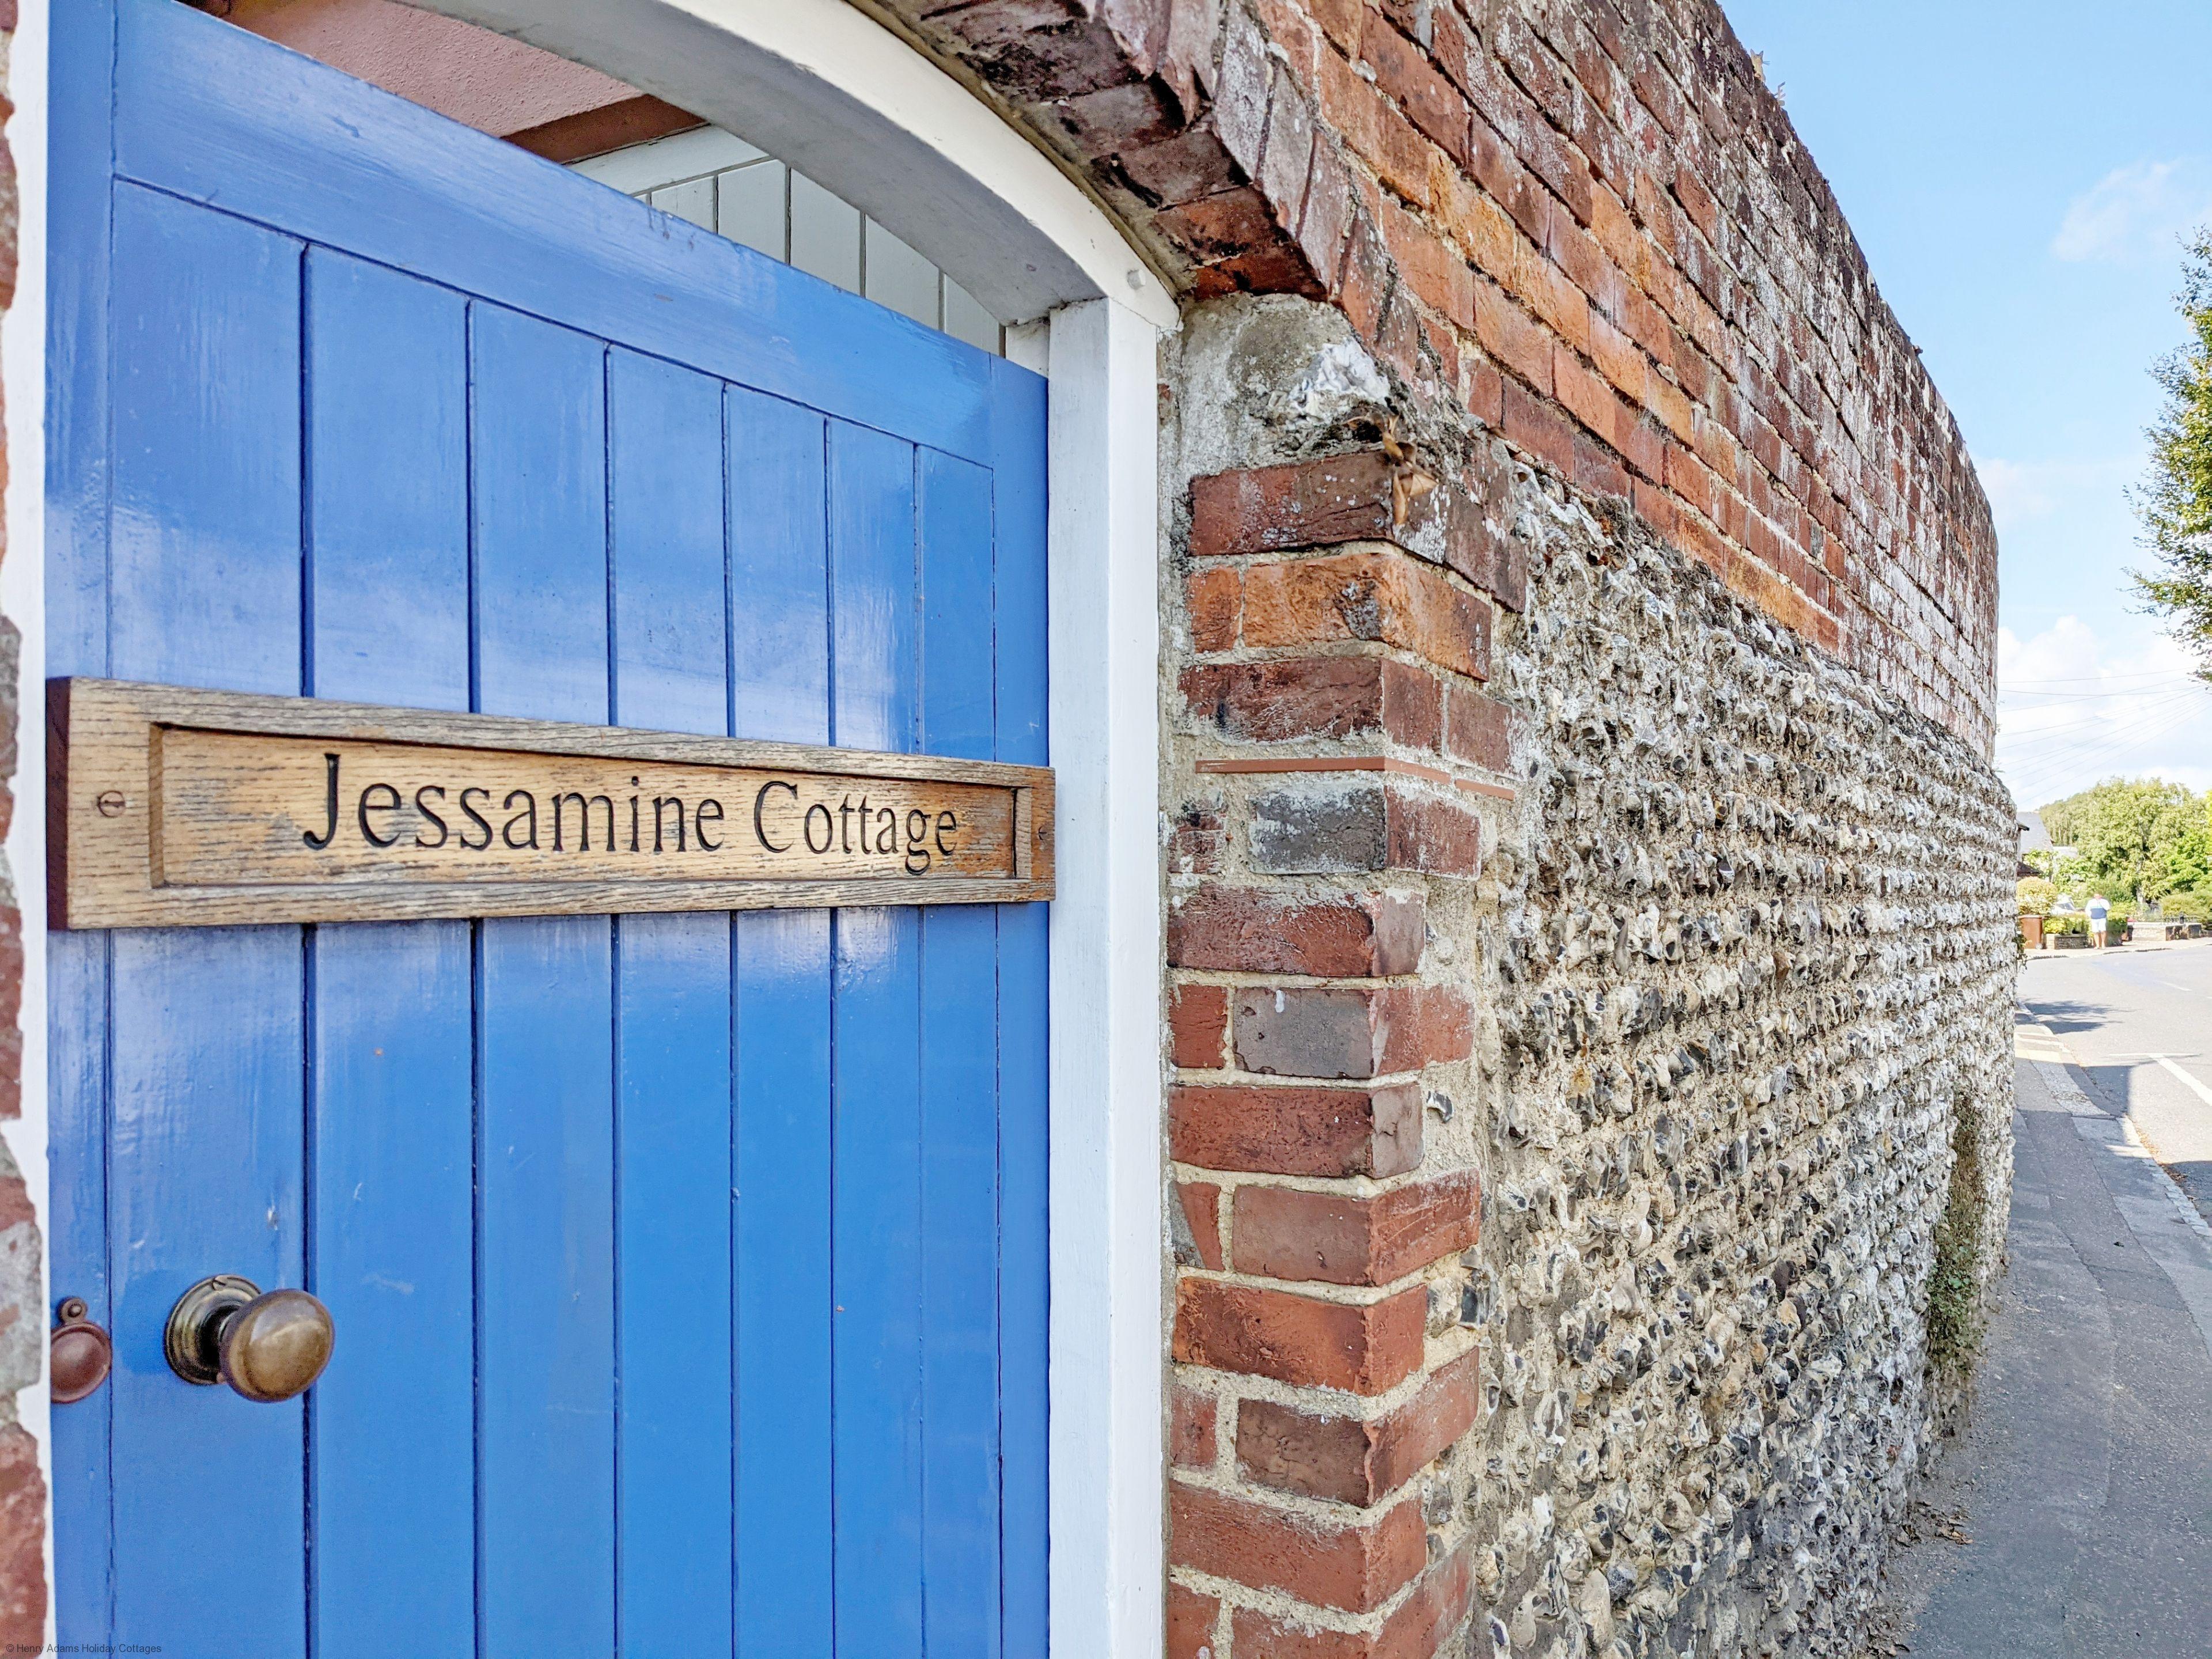 Jessamine Studio - Walberton